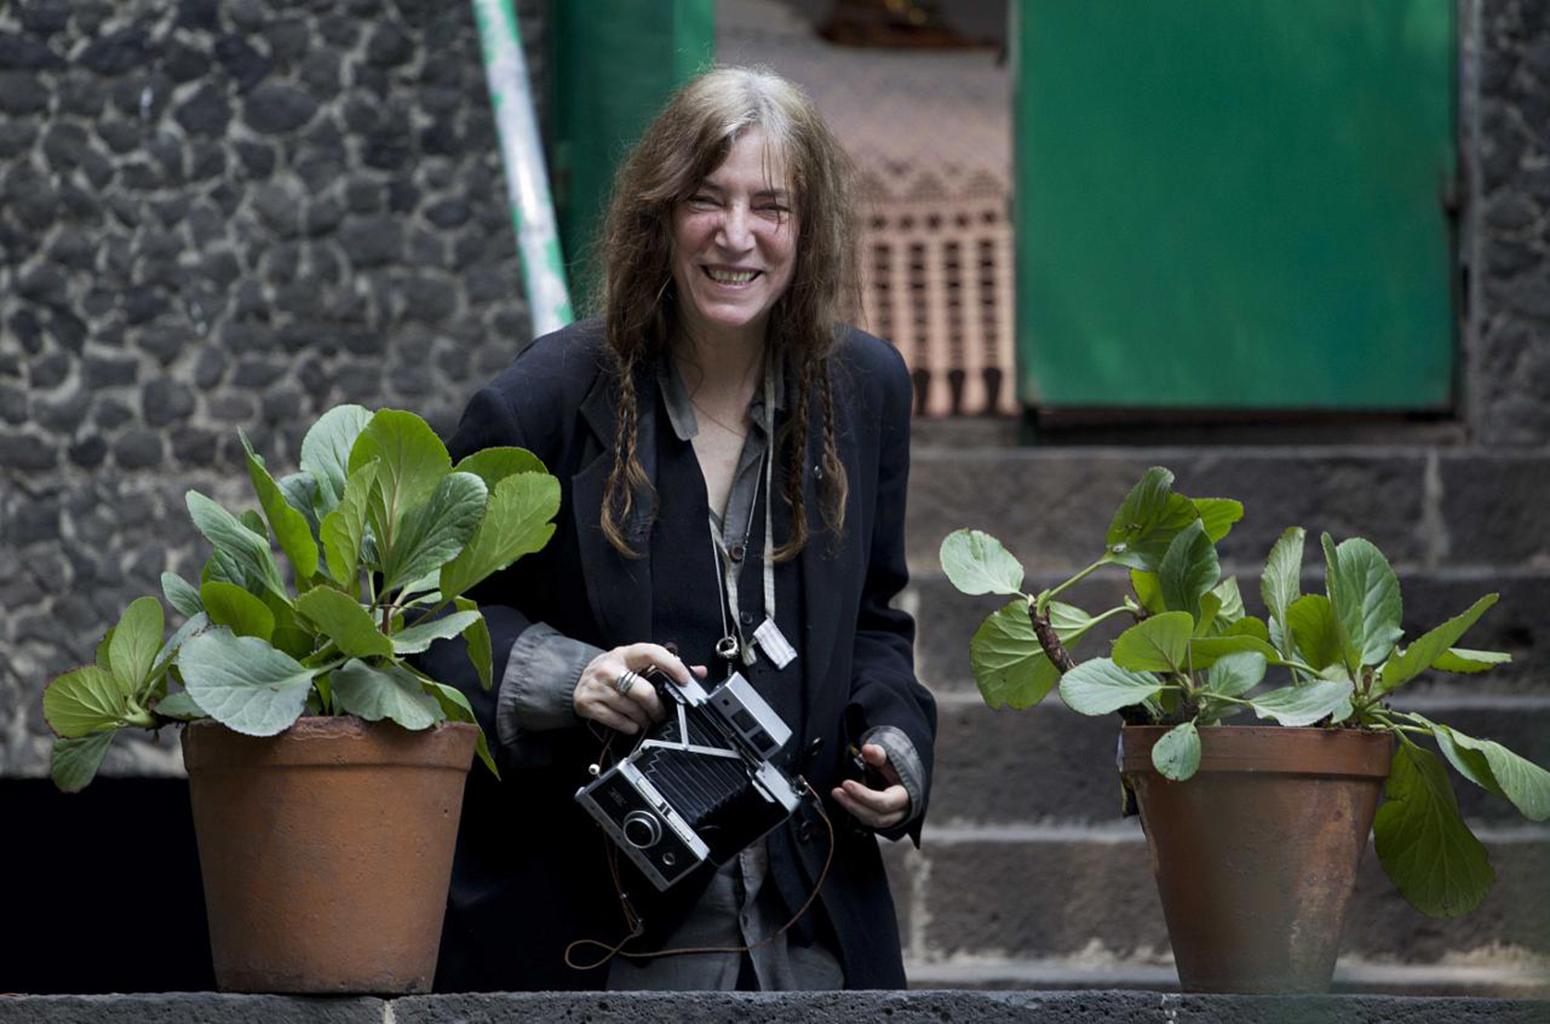 Singer Patti Smith with her Polaroid (Credit: Eduardo Verdugo)